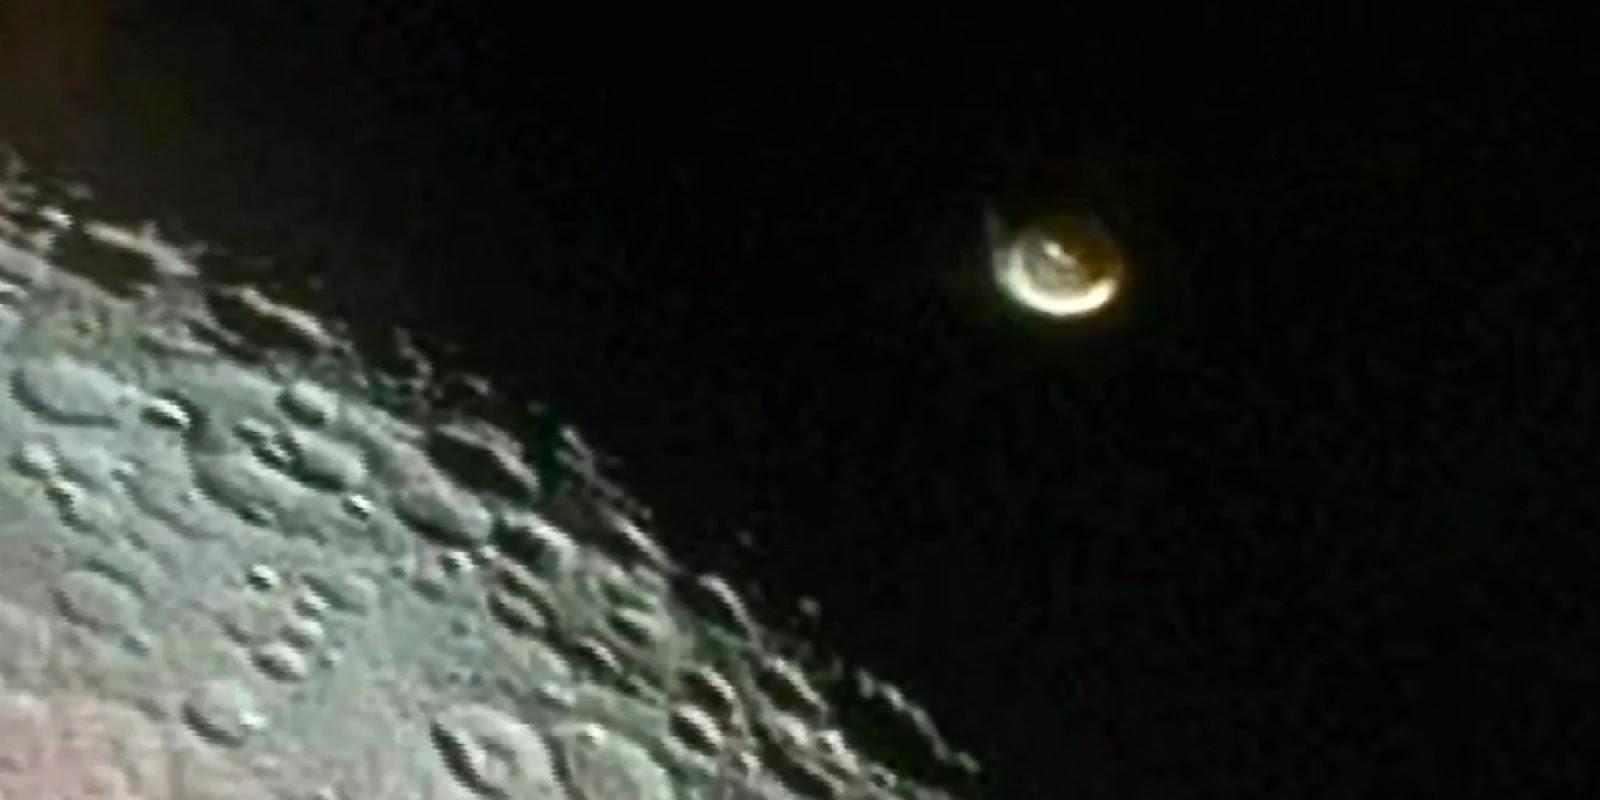 nasa moon sighting - photo #42